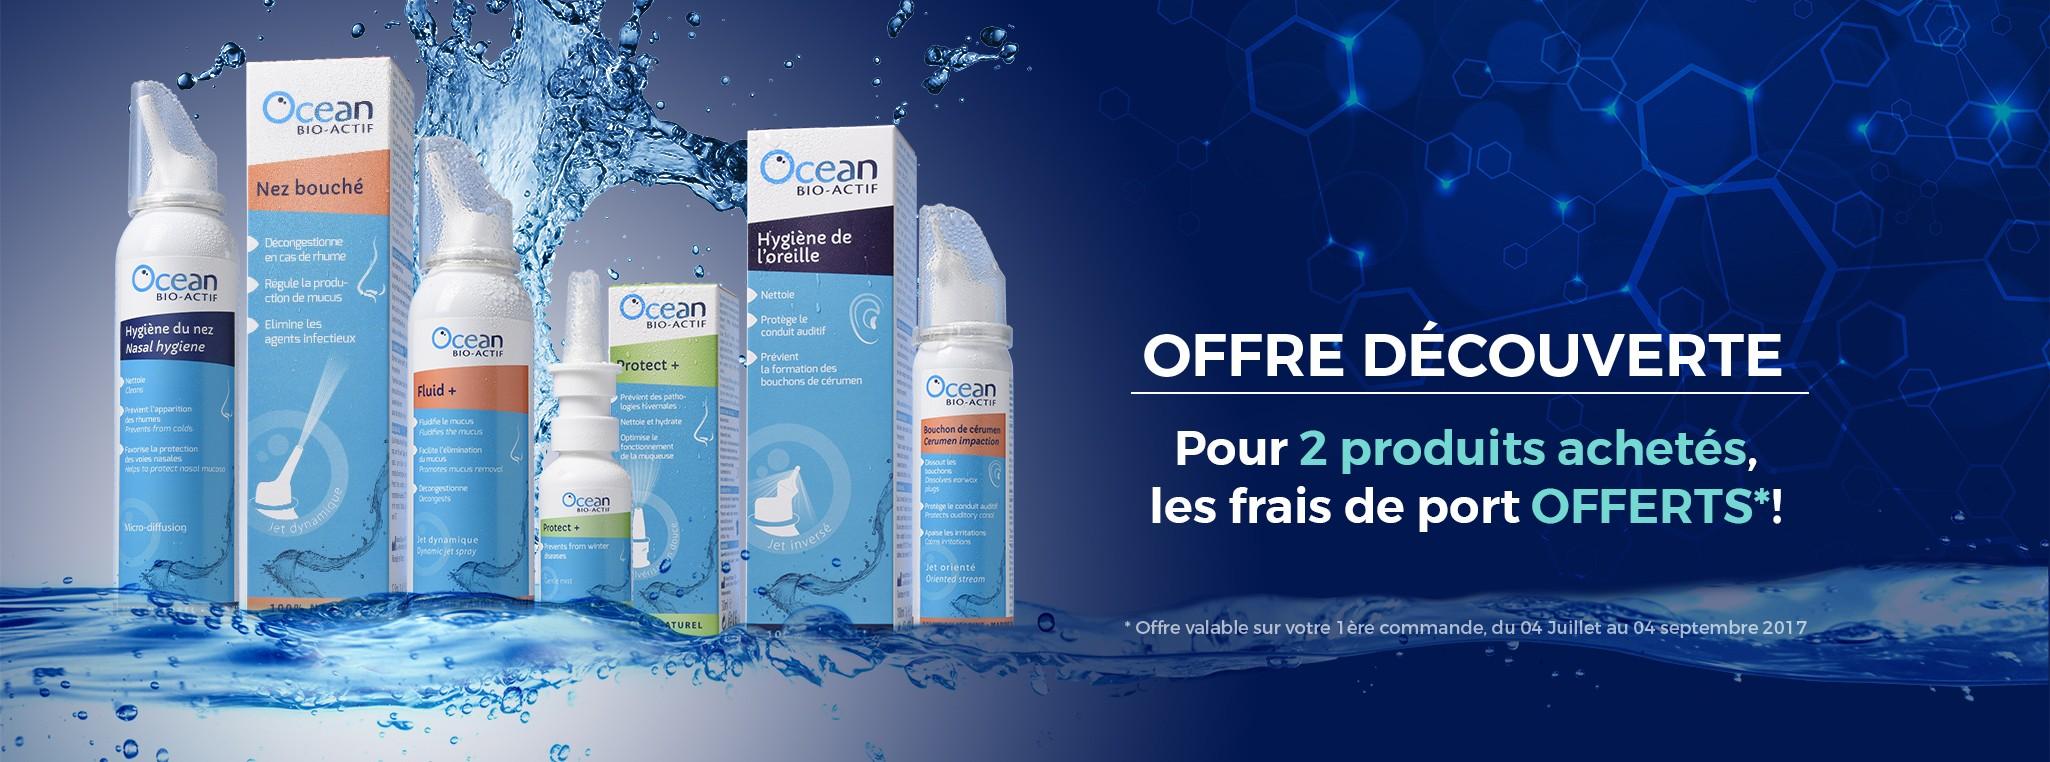 Offre découverte gamme Océan Bio Actif